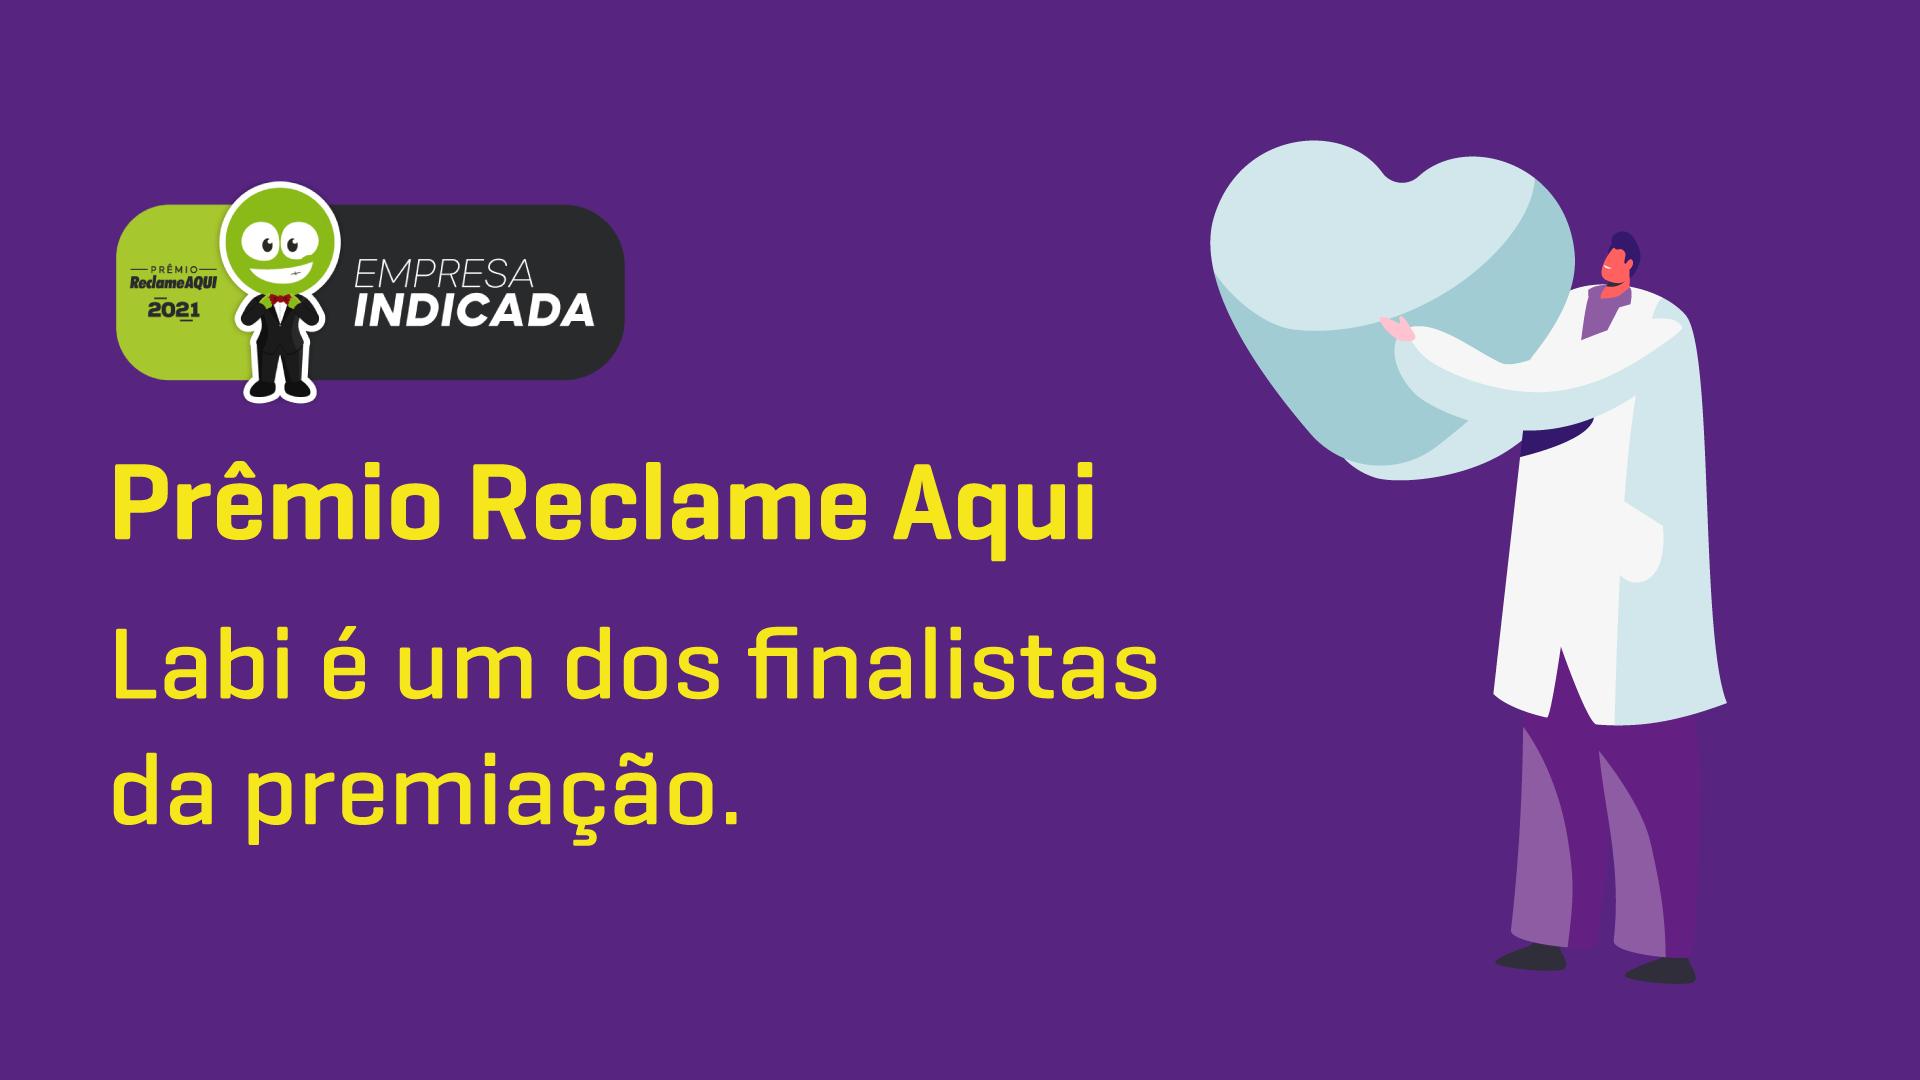 Prêmio Reclame Aqui 2021: Labi é um dos finalistas